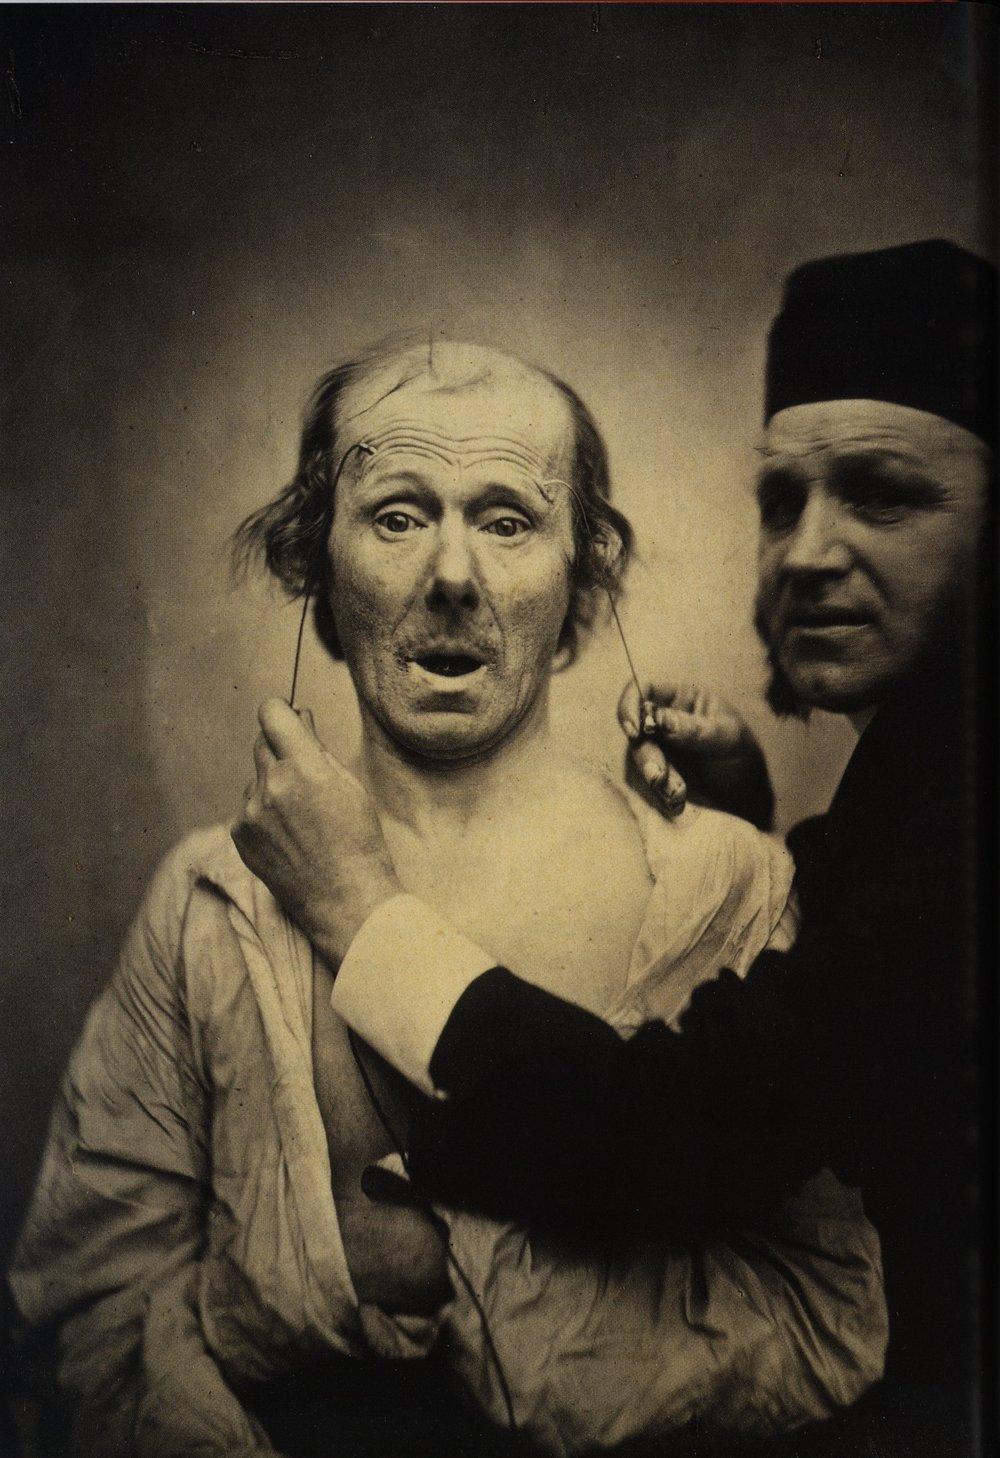 Guillaume_Duchenne_de_Boulogne_performing_facial_electrostimulus_experiments_(3).jpg